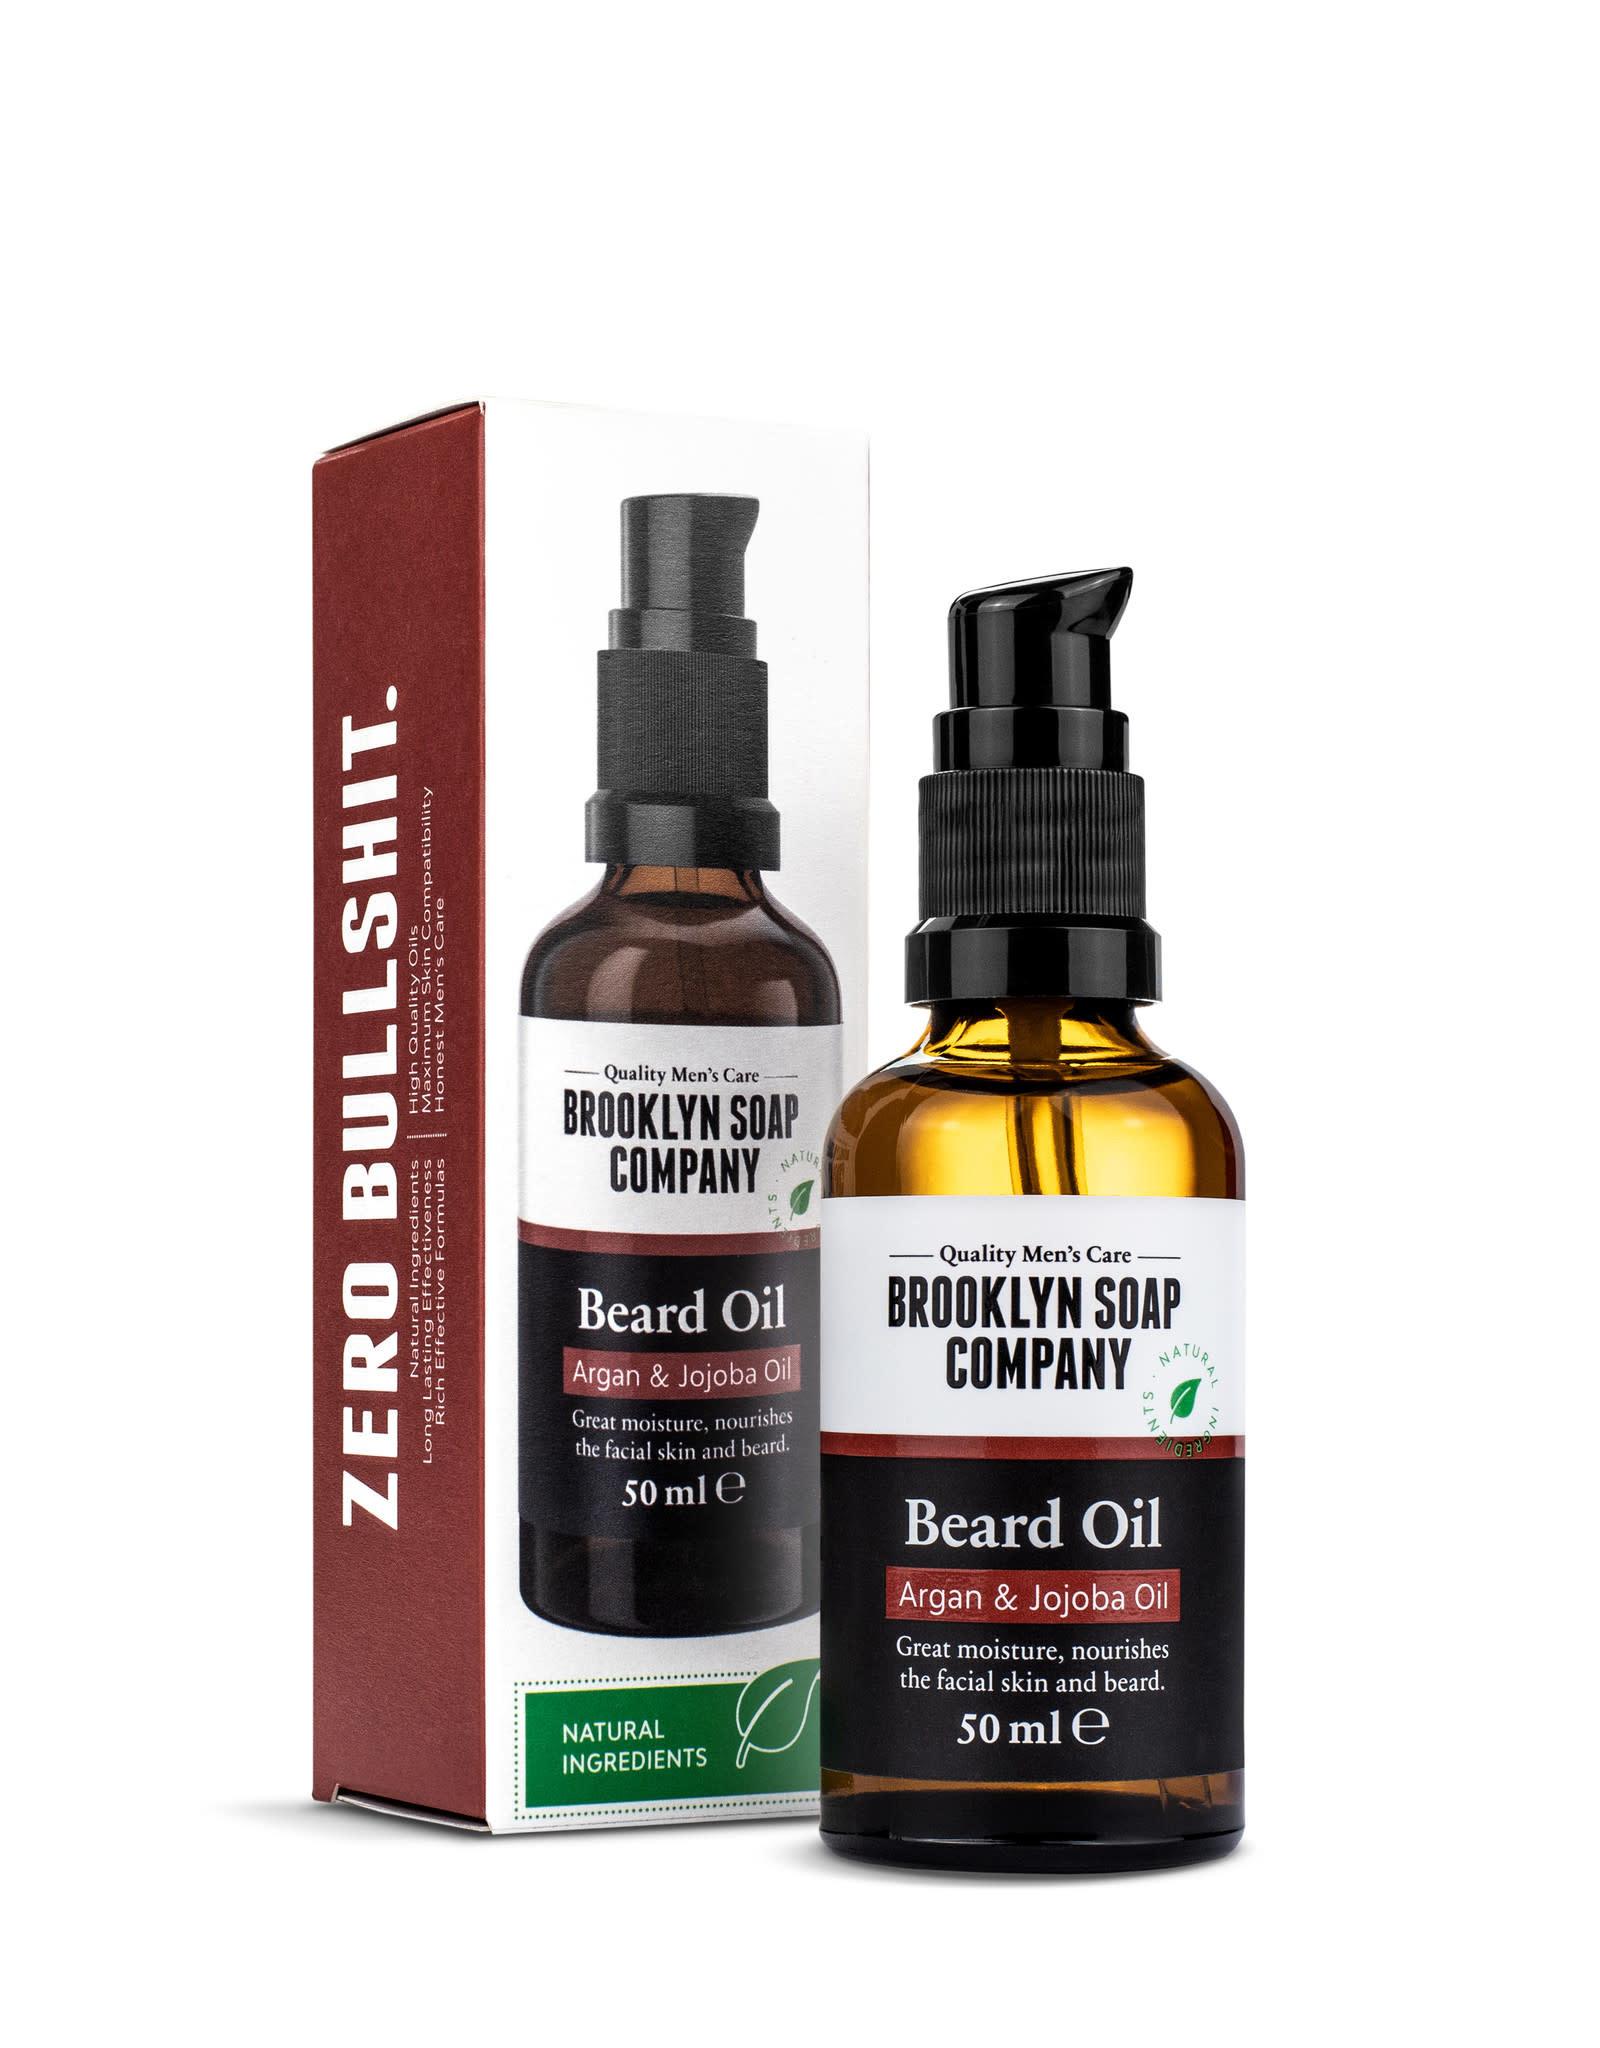 Brooklyn Soap Company Brooklyn Soap Company Beard Oil 50ml